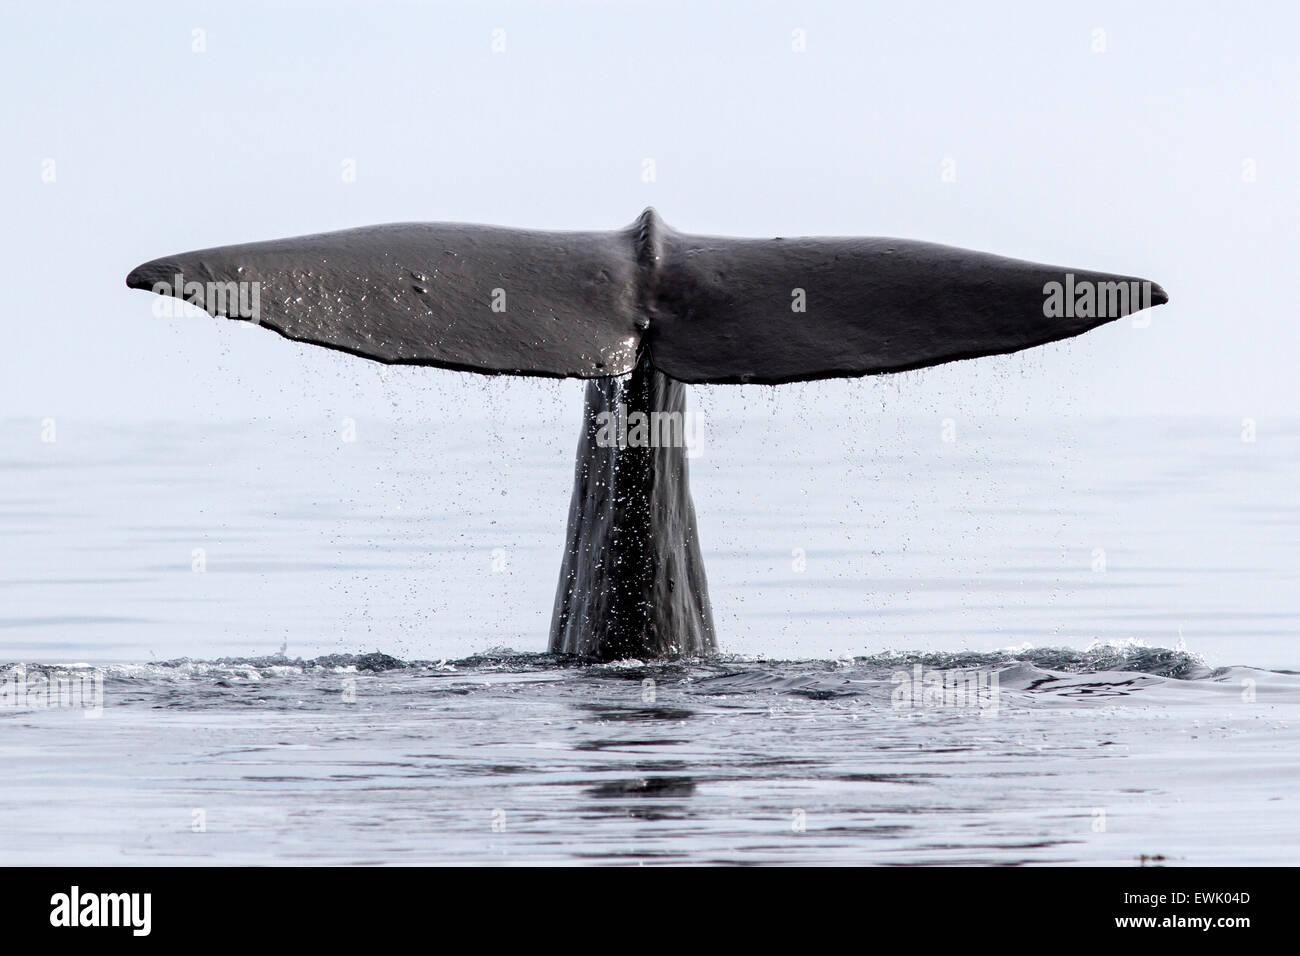 La queue du cachalot qui plonge dans les eaux de l'Océan Pacifique Photo Stock